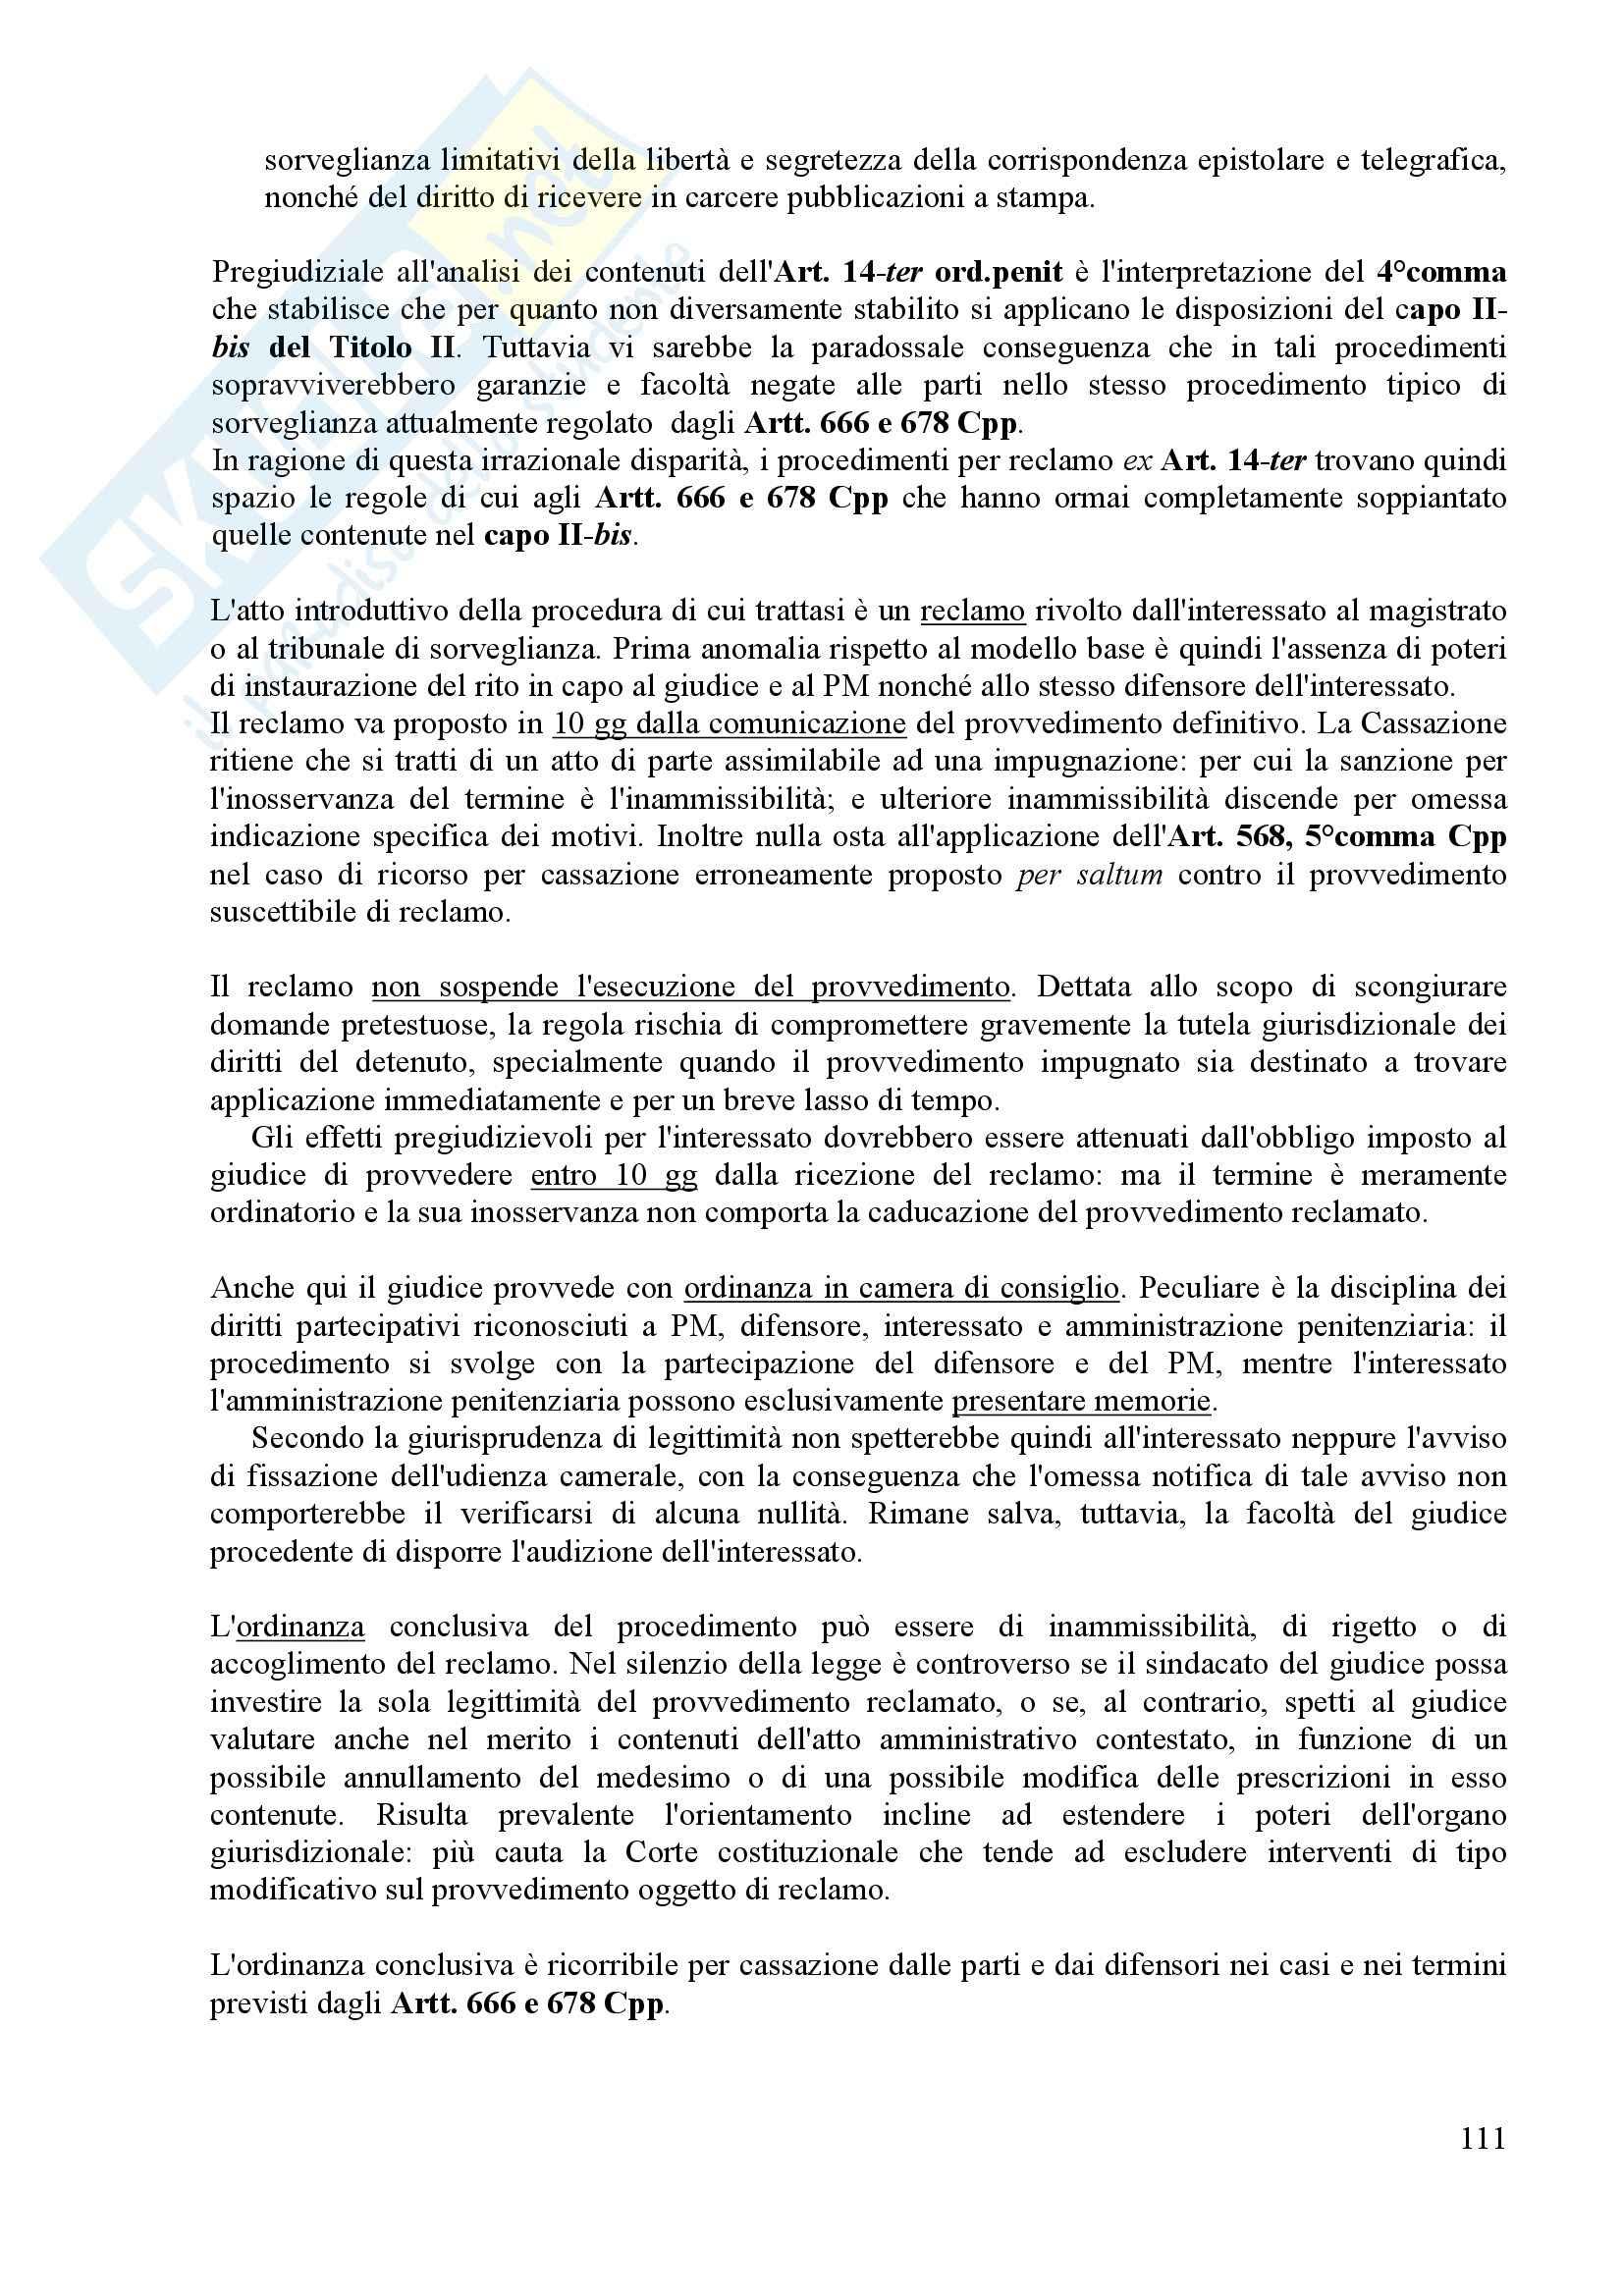 Procedura penale II - esecuzione penale Pag. 111